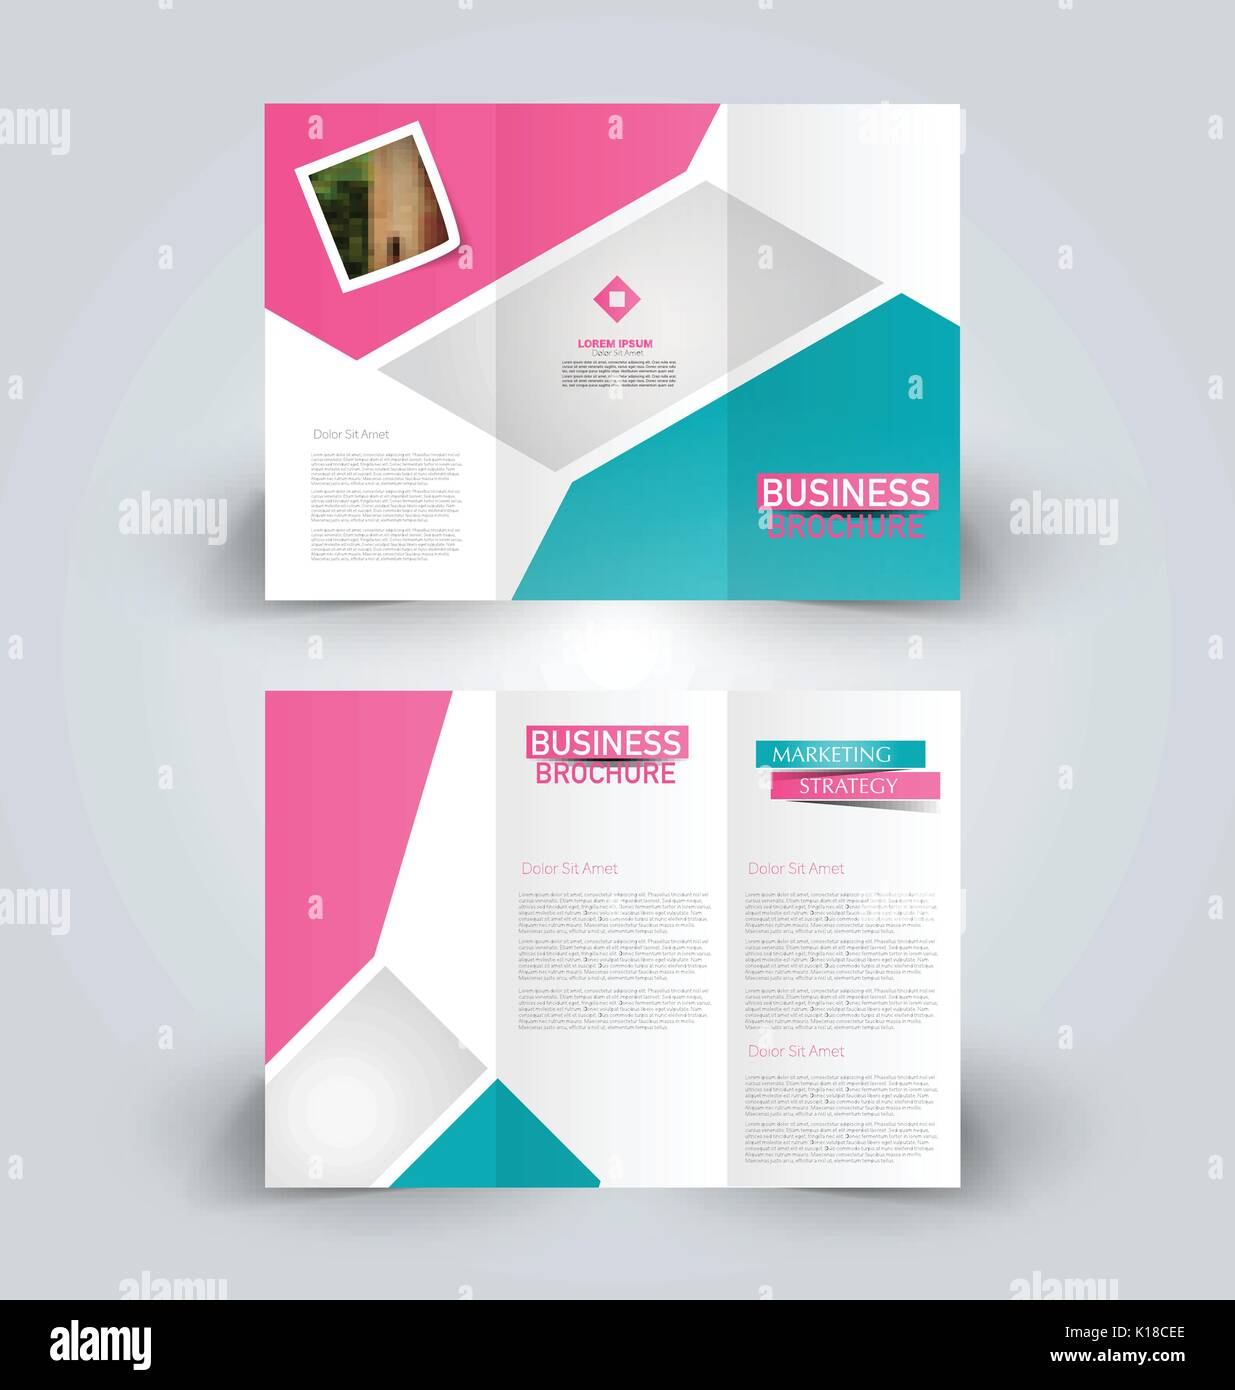 Beste Verkauf Broschüre Vorlage Wort Ideen - Bilder für das ...